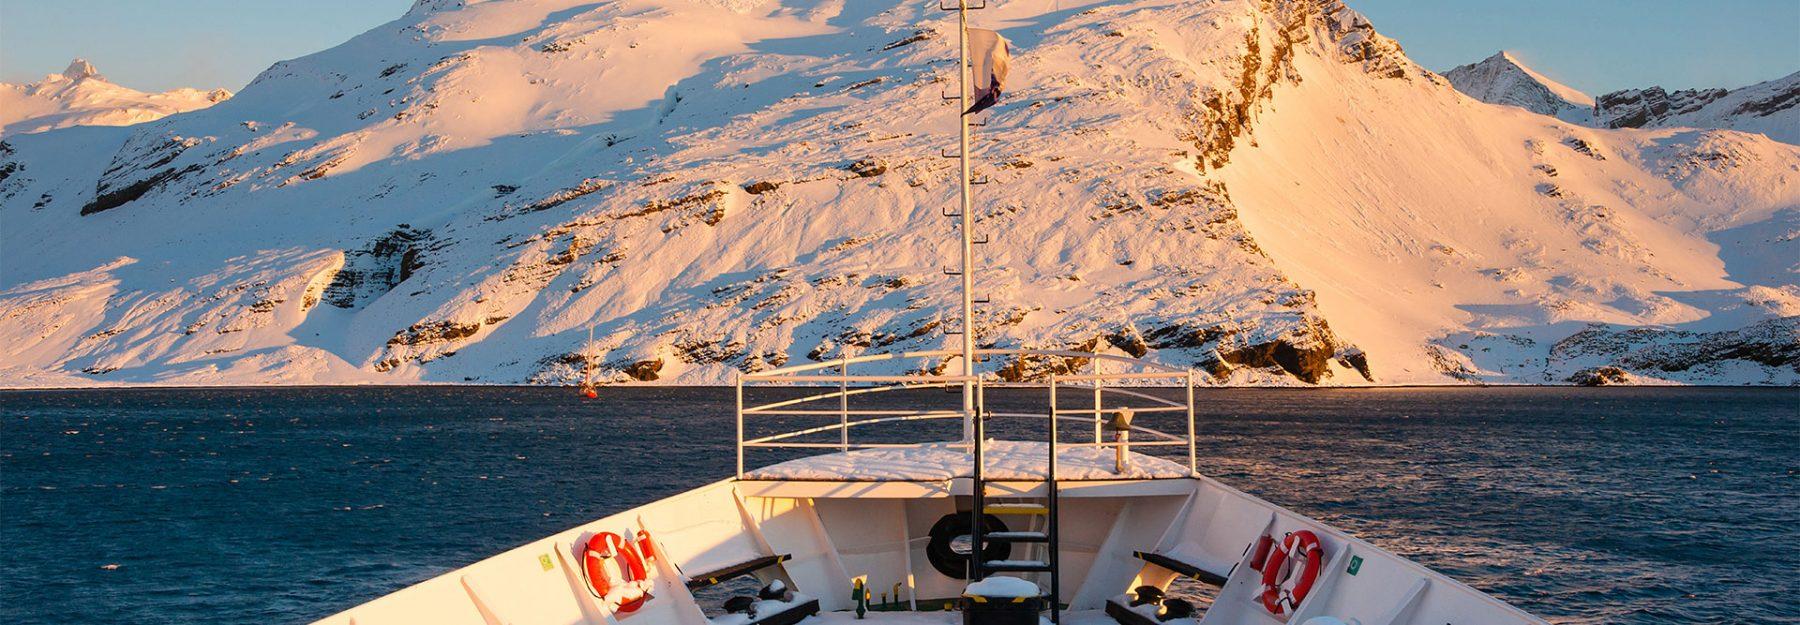 Viaggio in Antartide Crociera